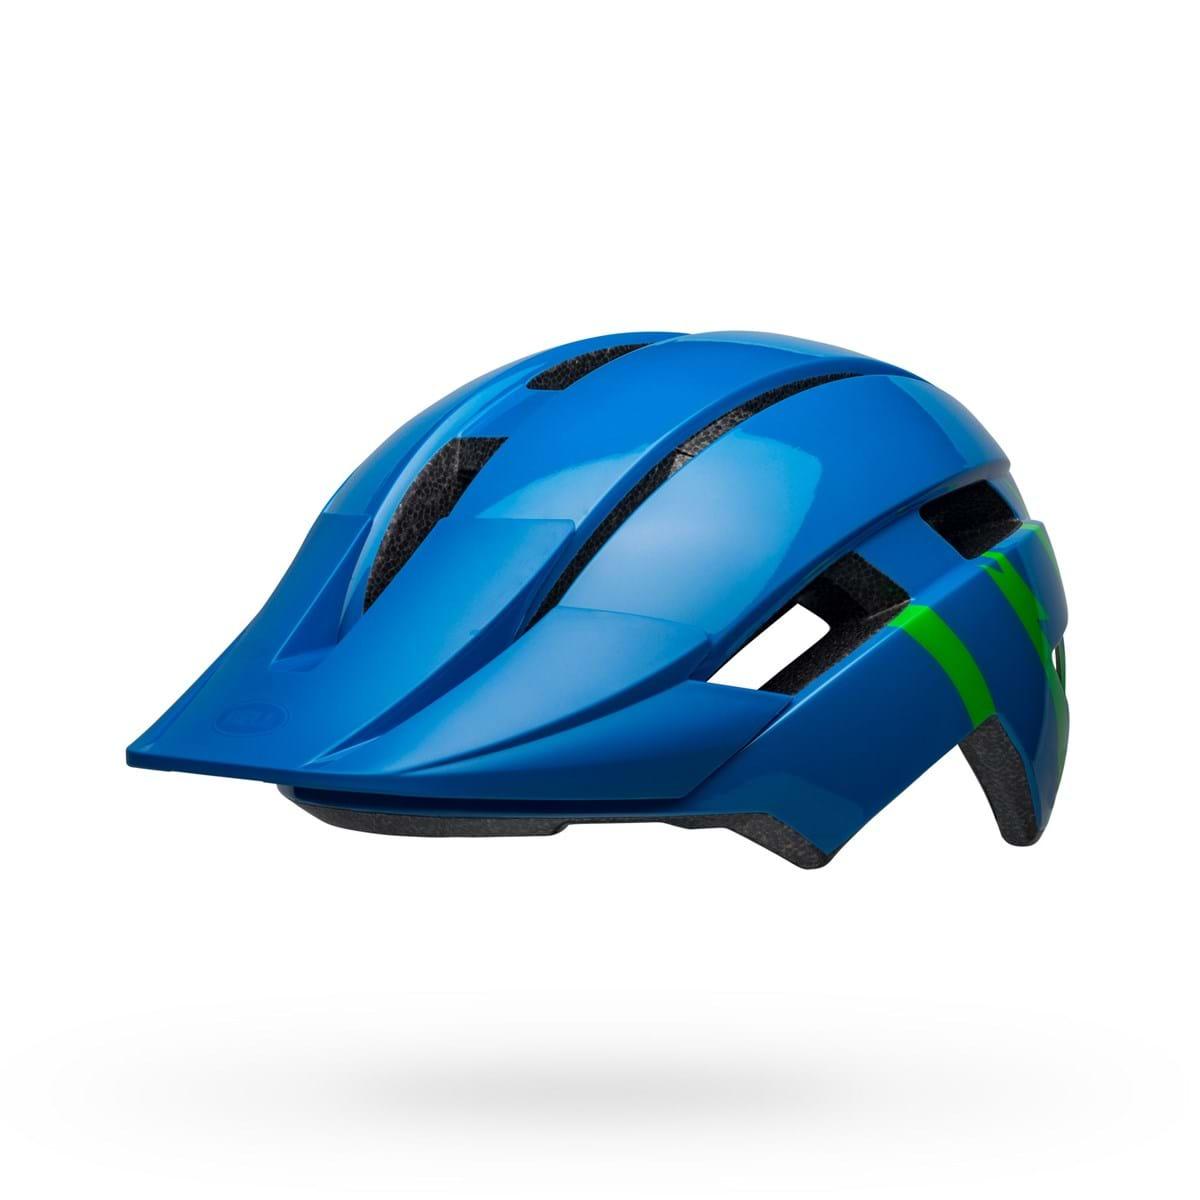 Sidetrack II Child Helmet